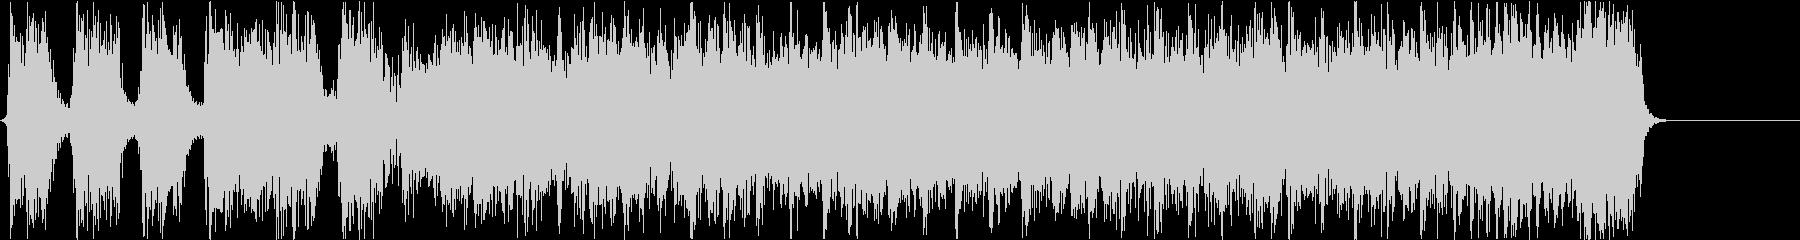 ハードコア風ショートサウンド#01の未再生の波形